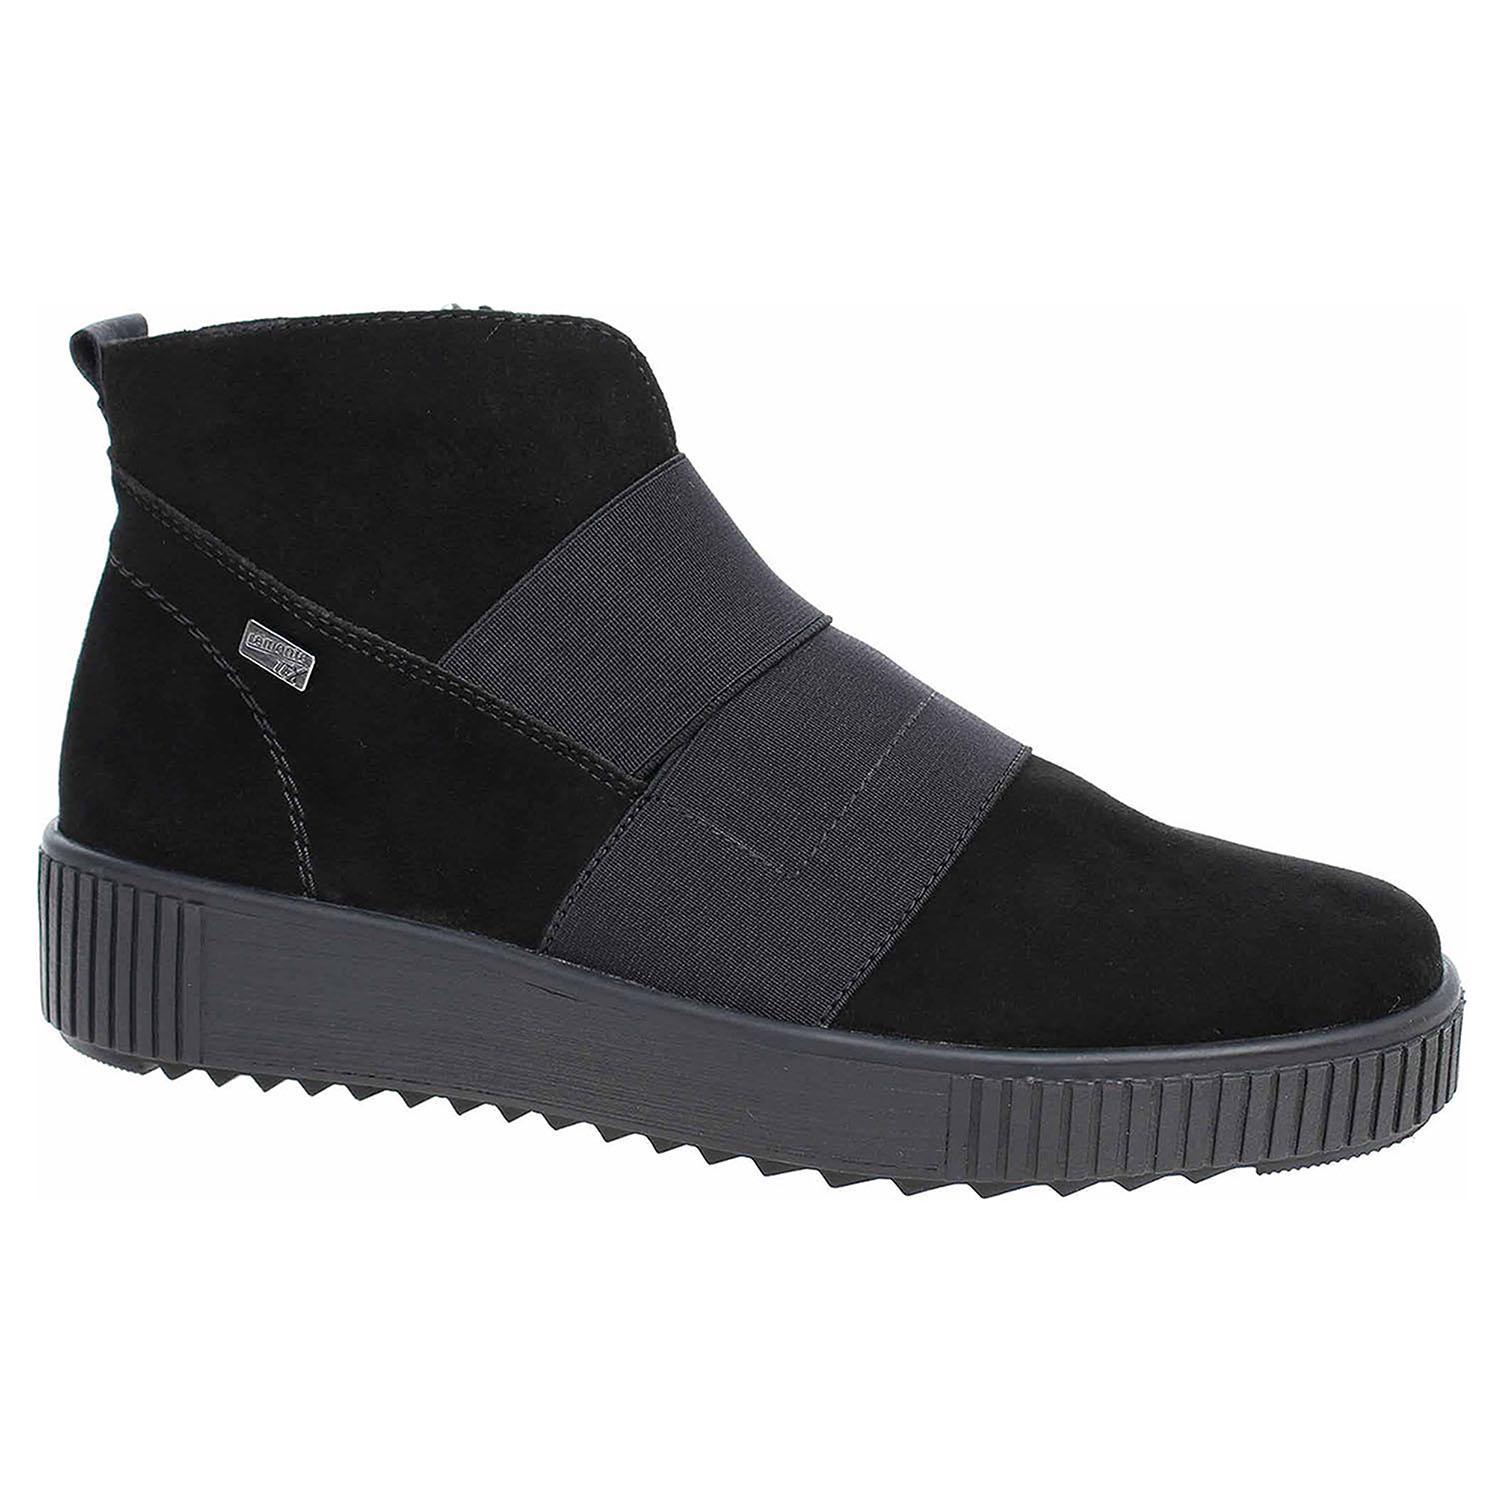 Dámská kotníková obuv Remonte R7971-02 schwarz R7971-02 39